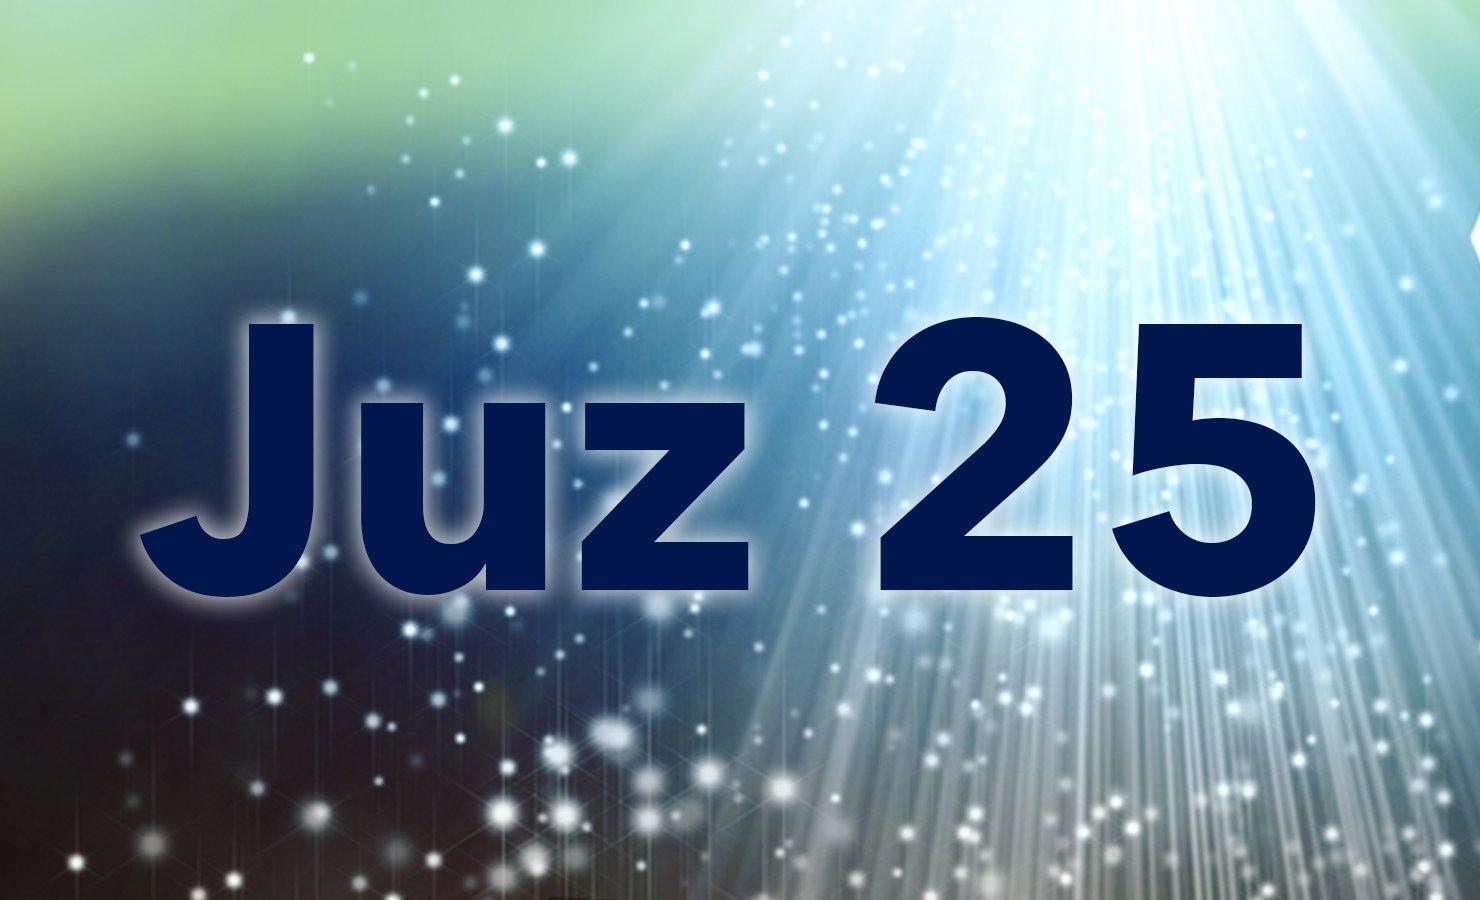 Juz-25